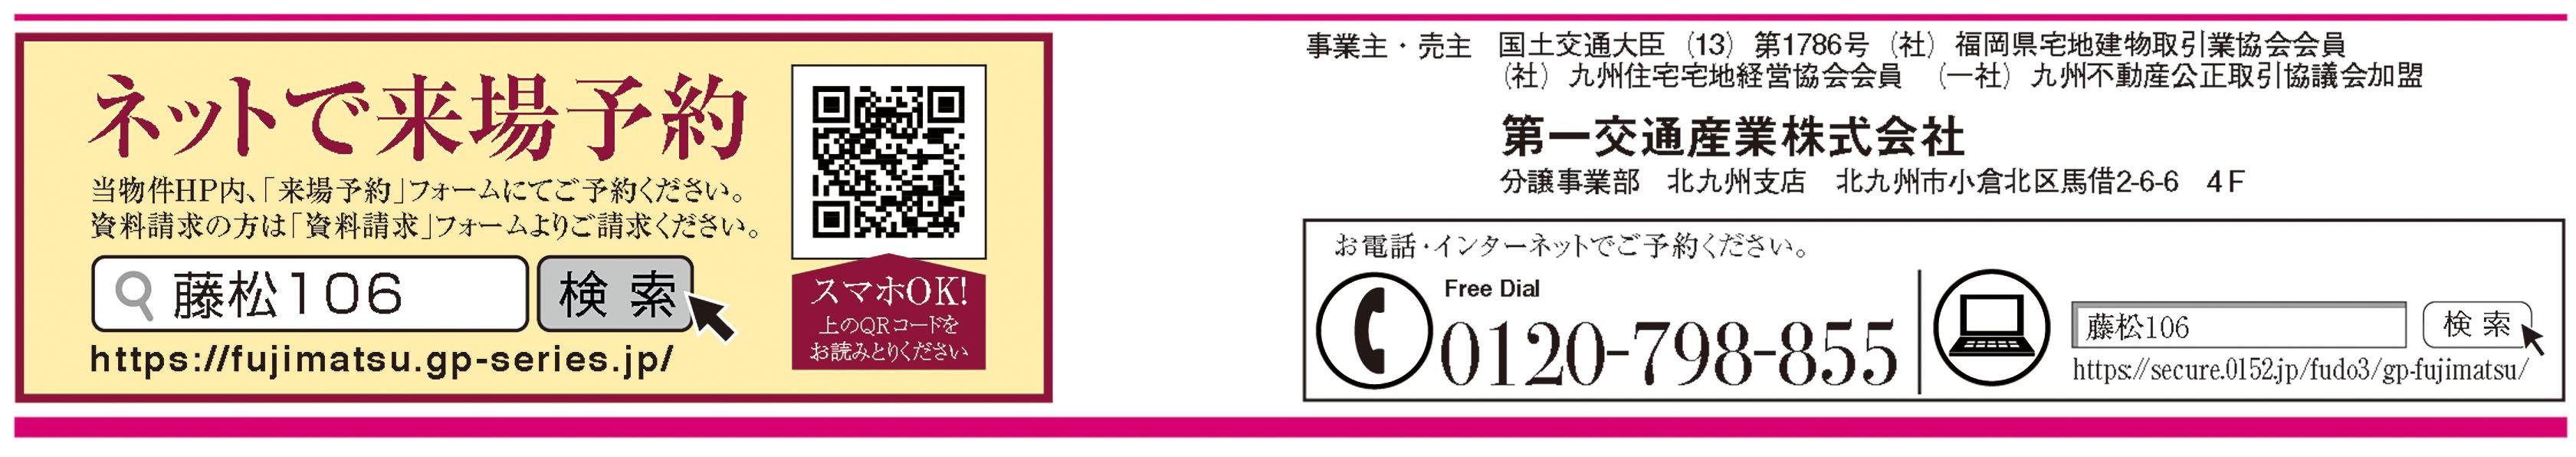 門司藤松3.jpg